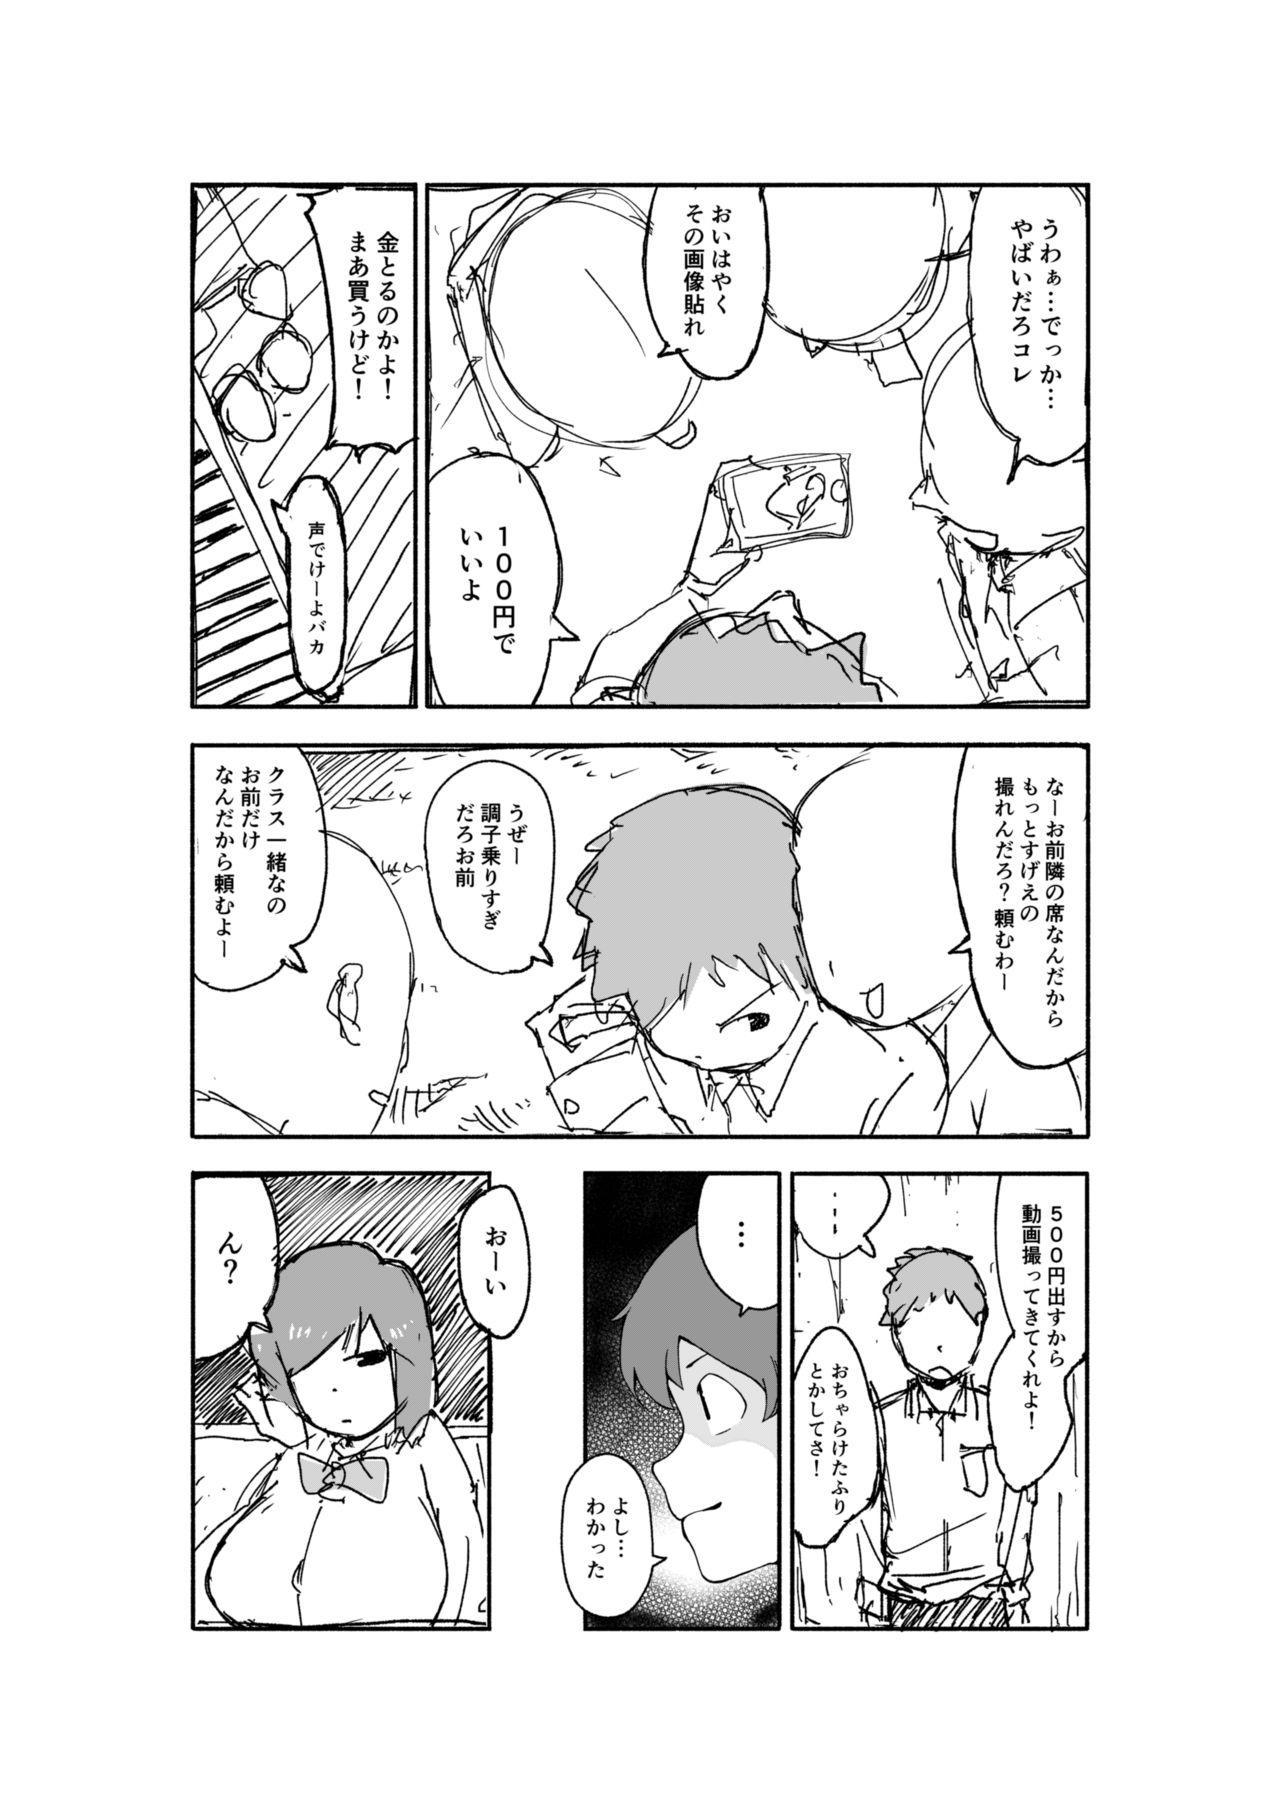 Saeki-san kansatsu nikki 14